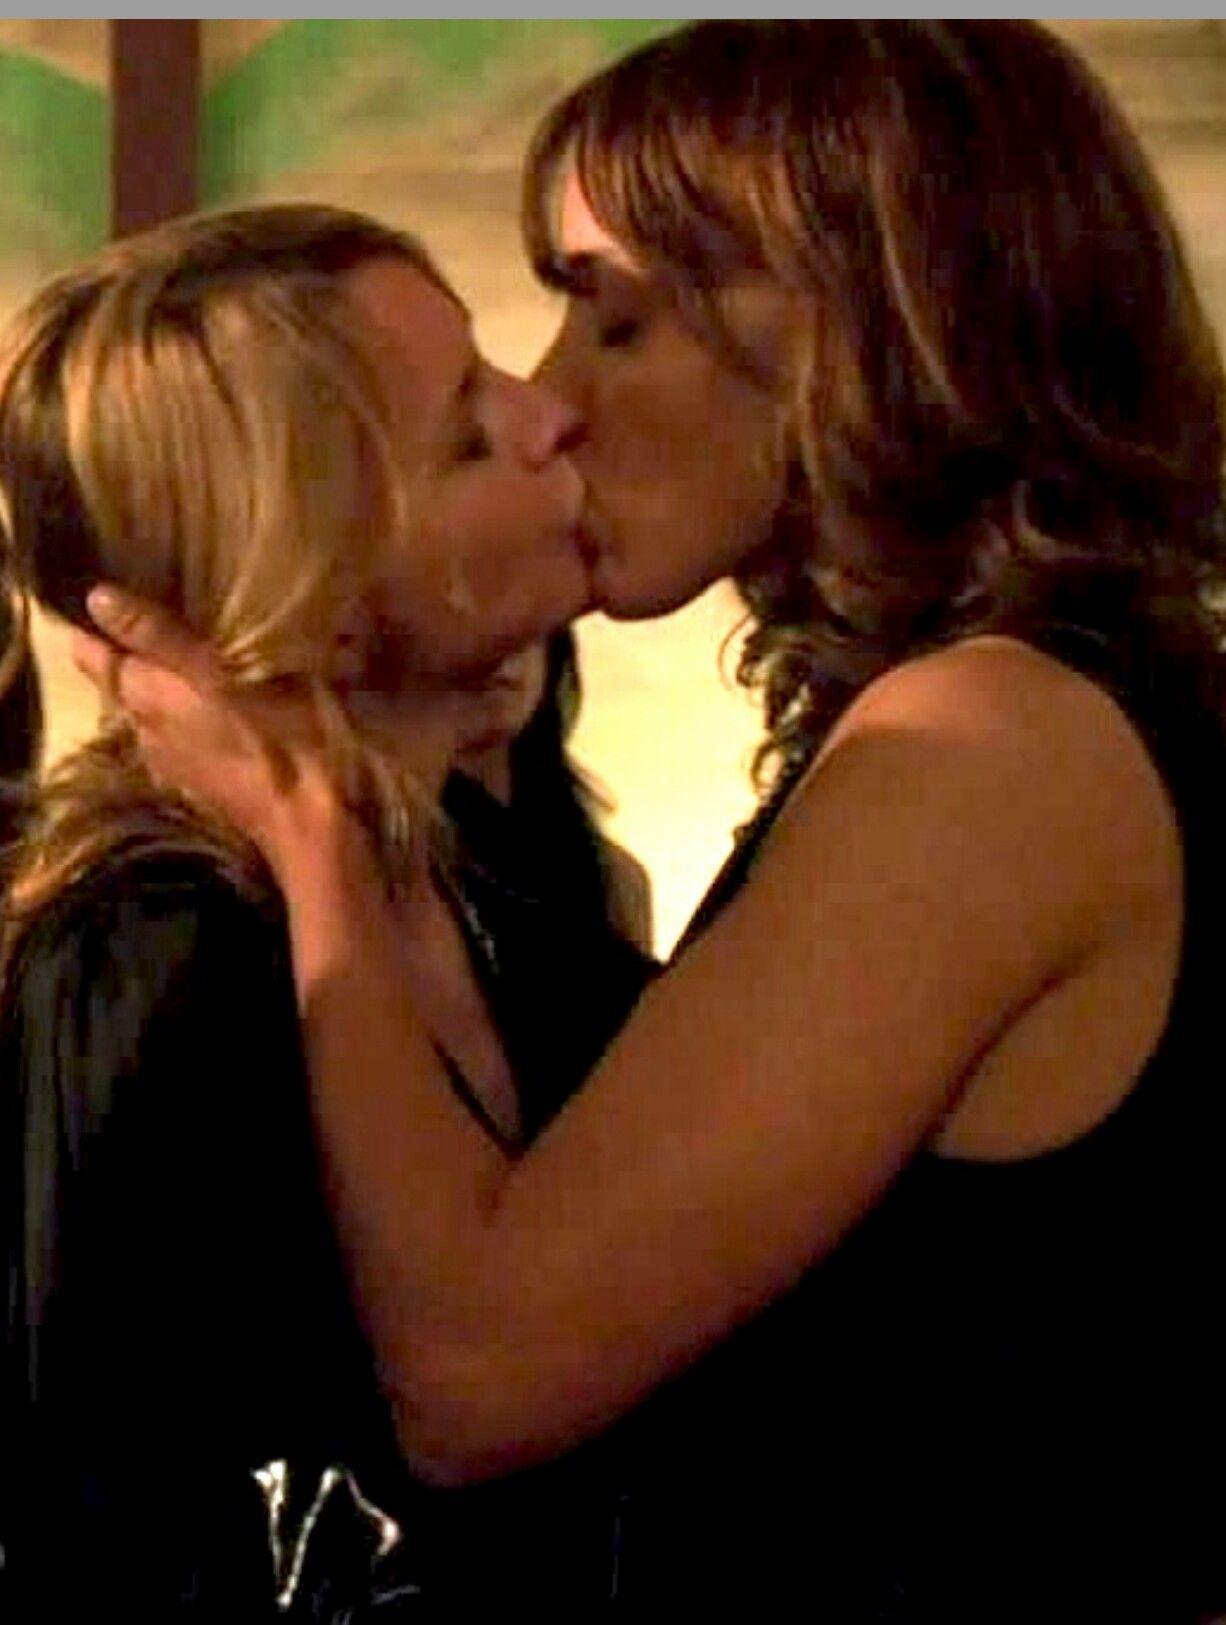 Ass lesbien sexe masturbation